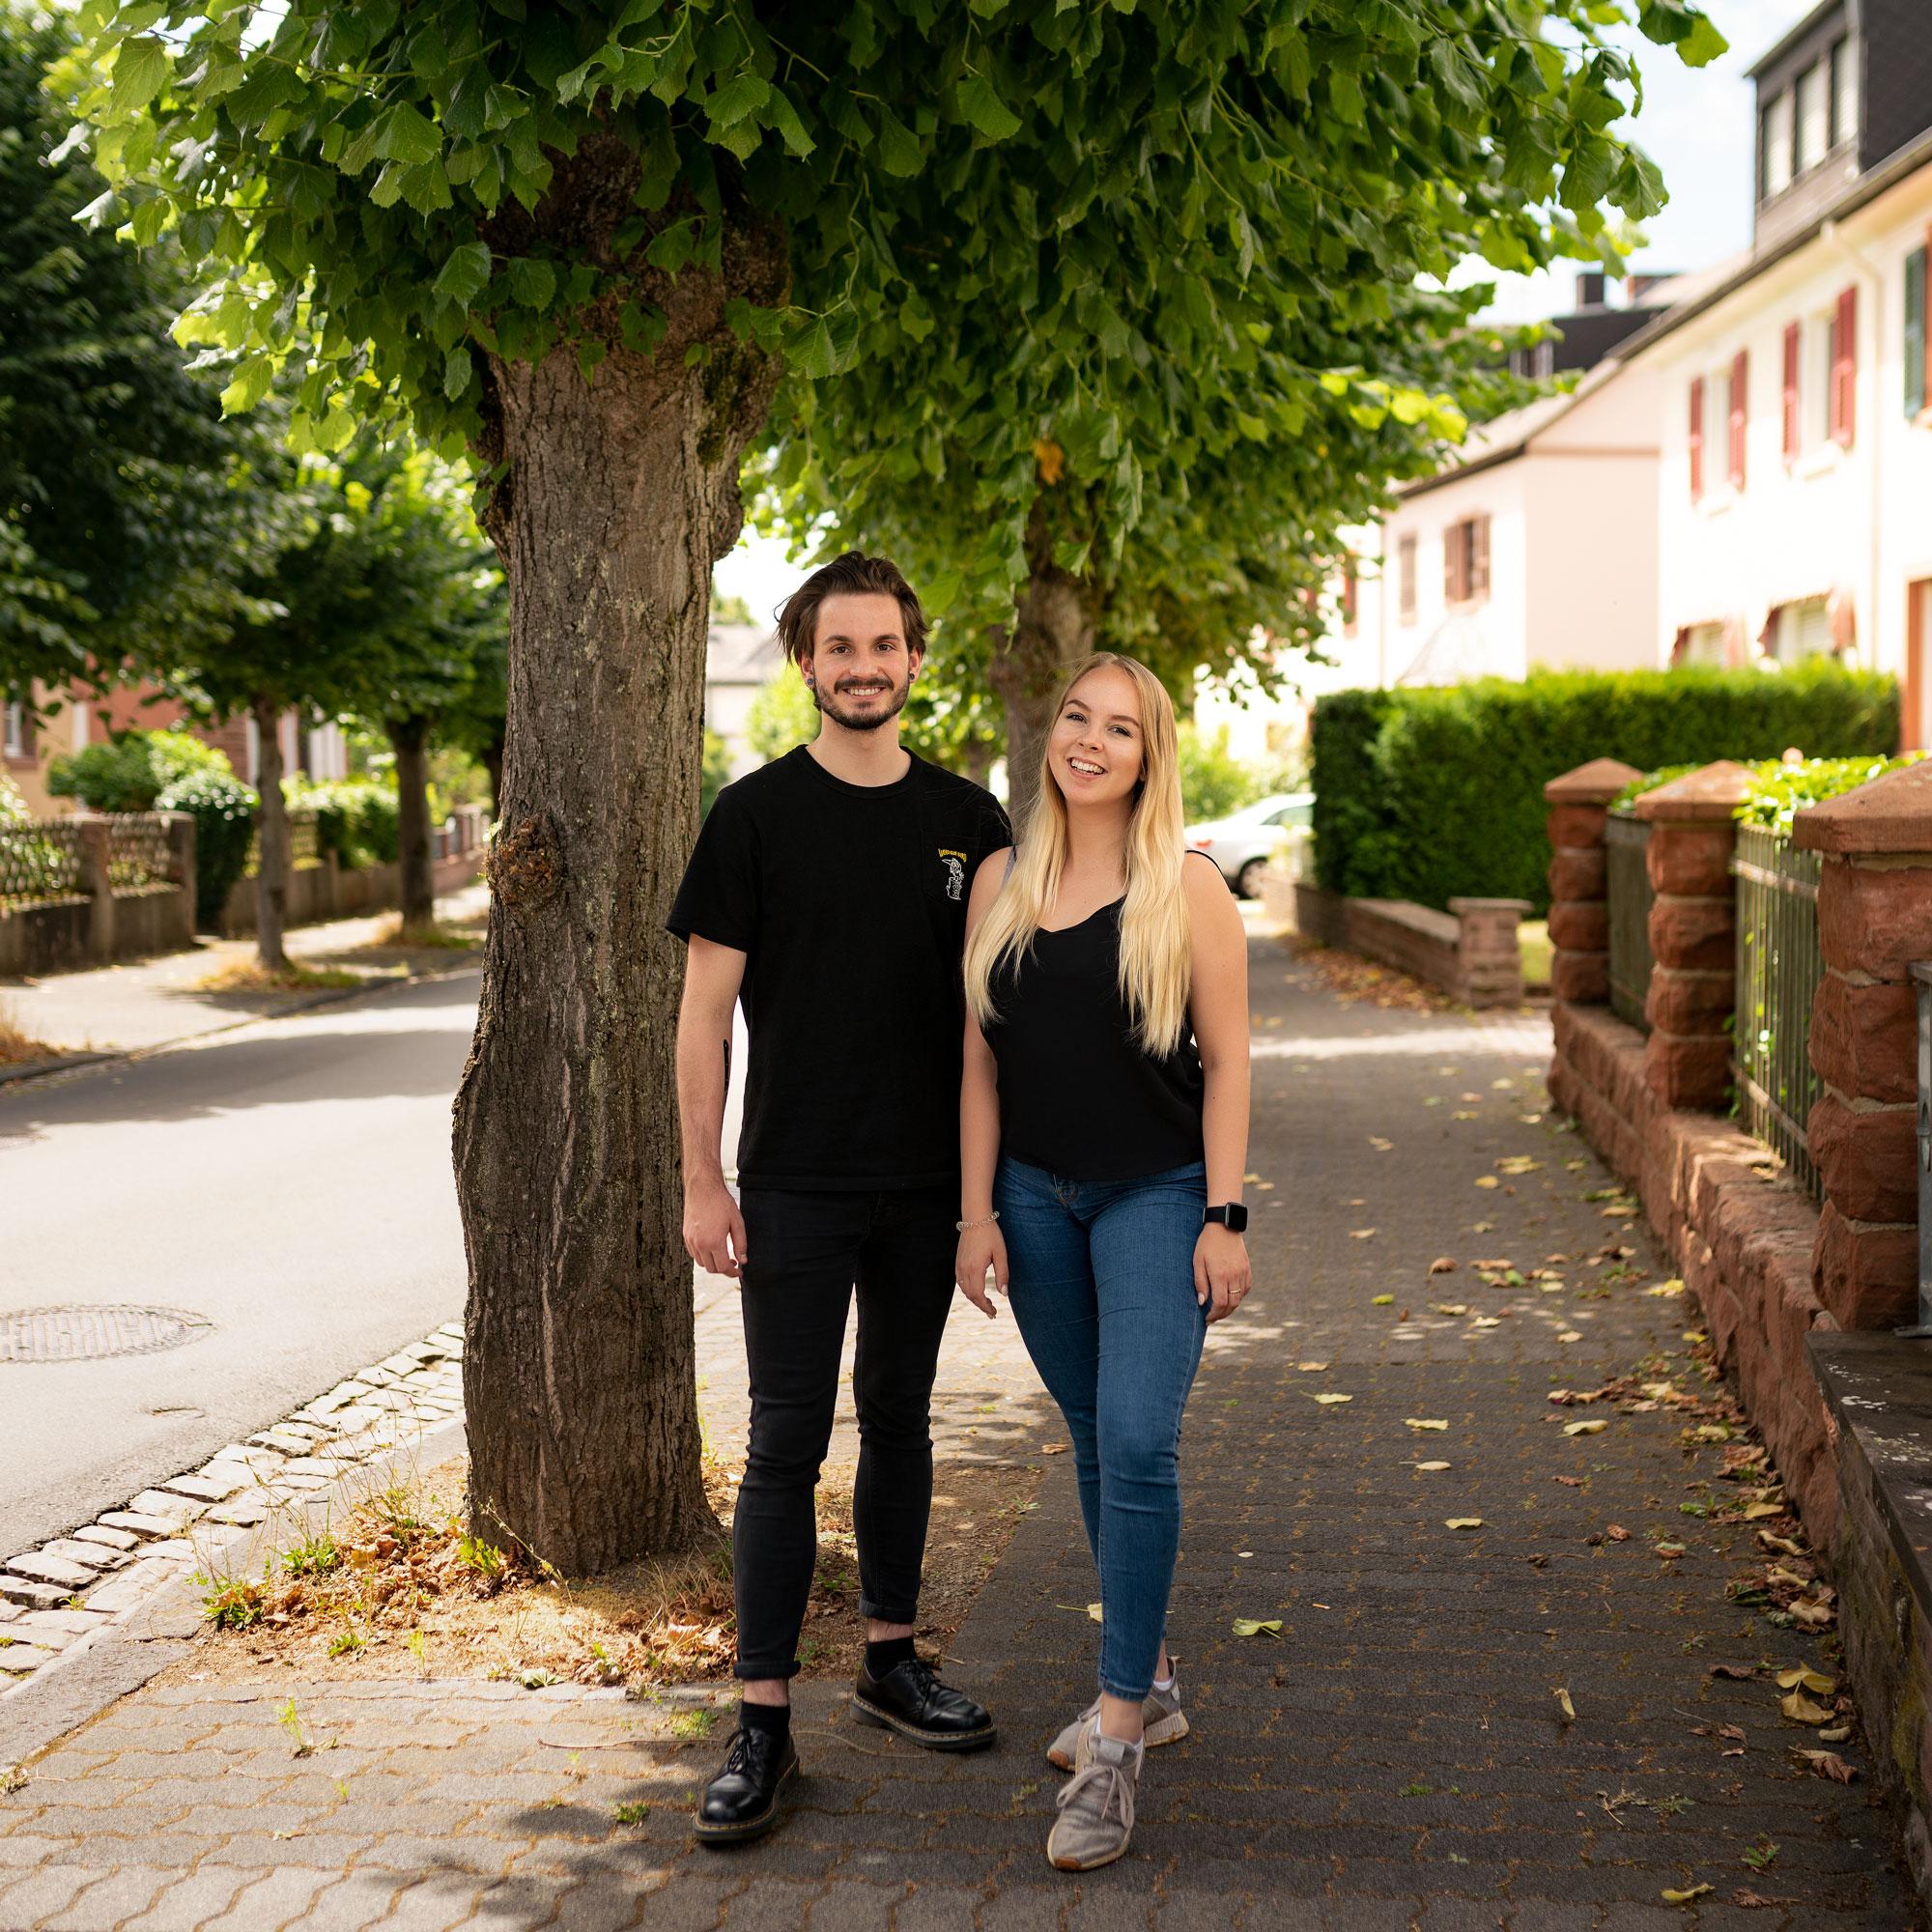 Dennis Adams und Tina Löwen bestehen erfolgreich ihre Ausbildung zum Mediengestalter